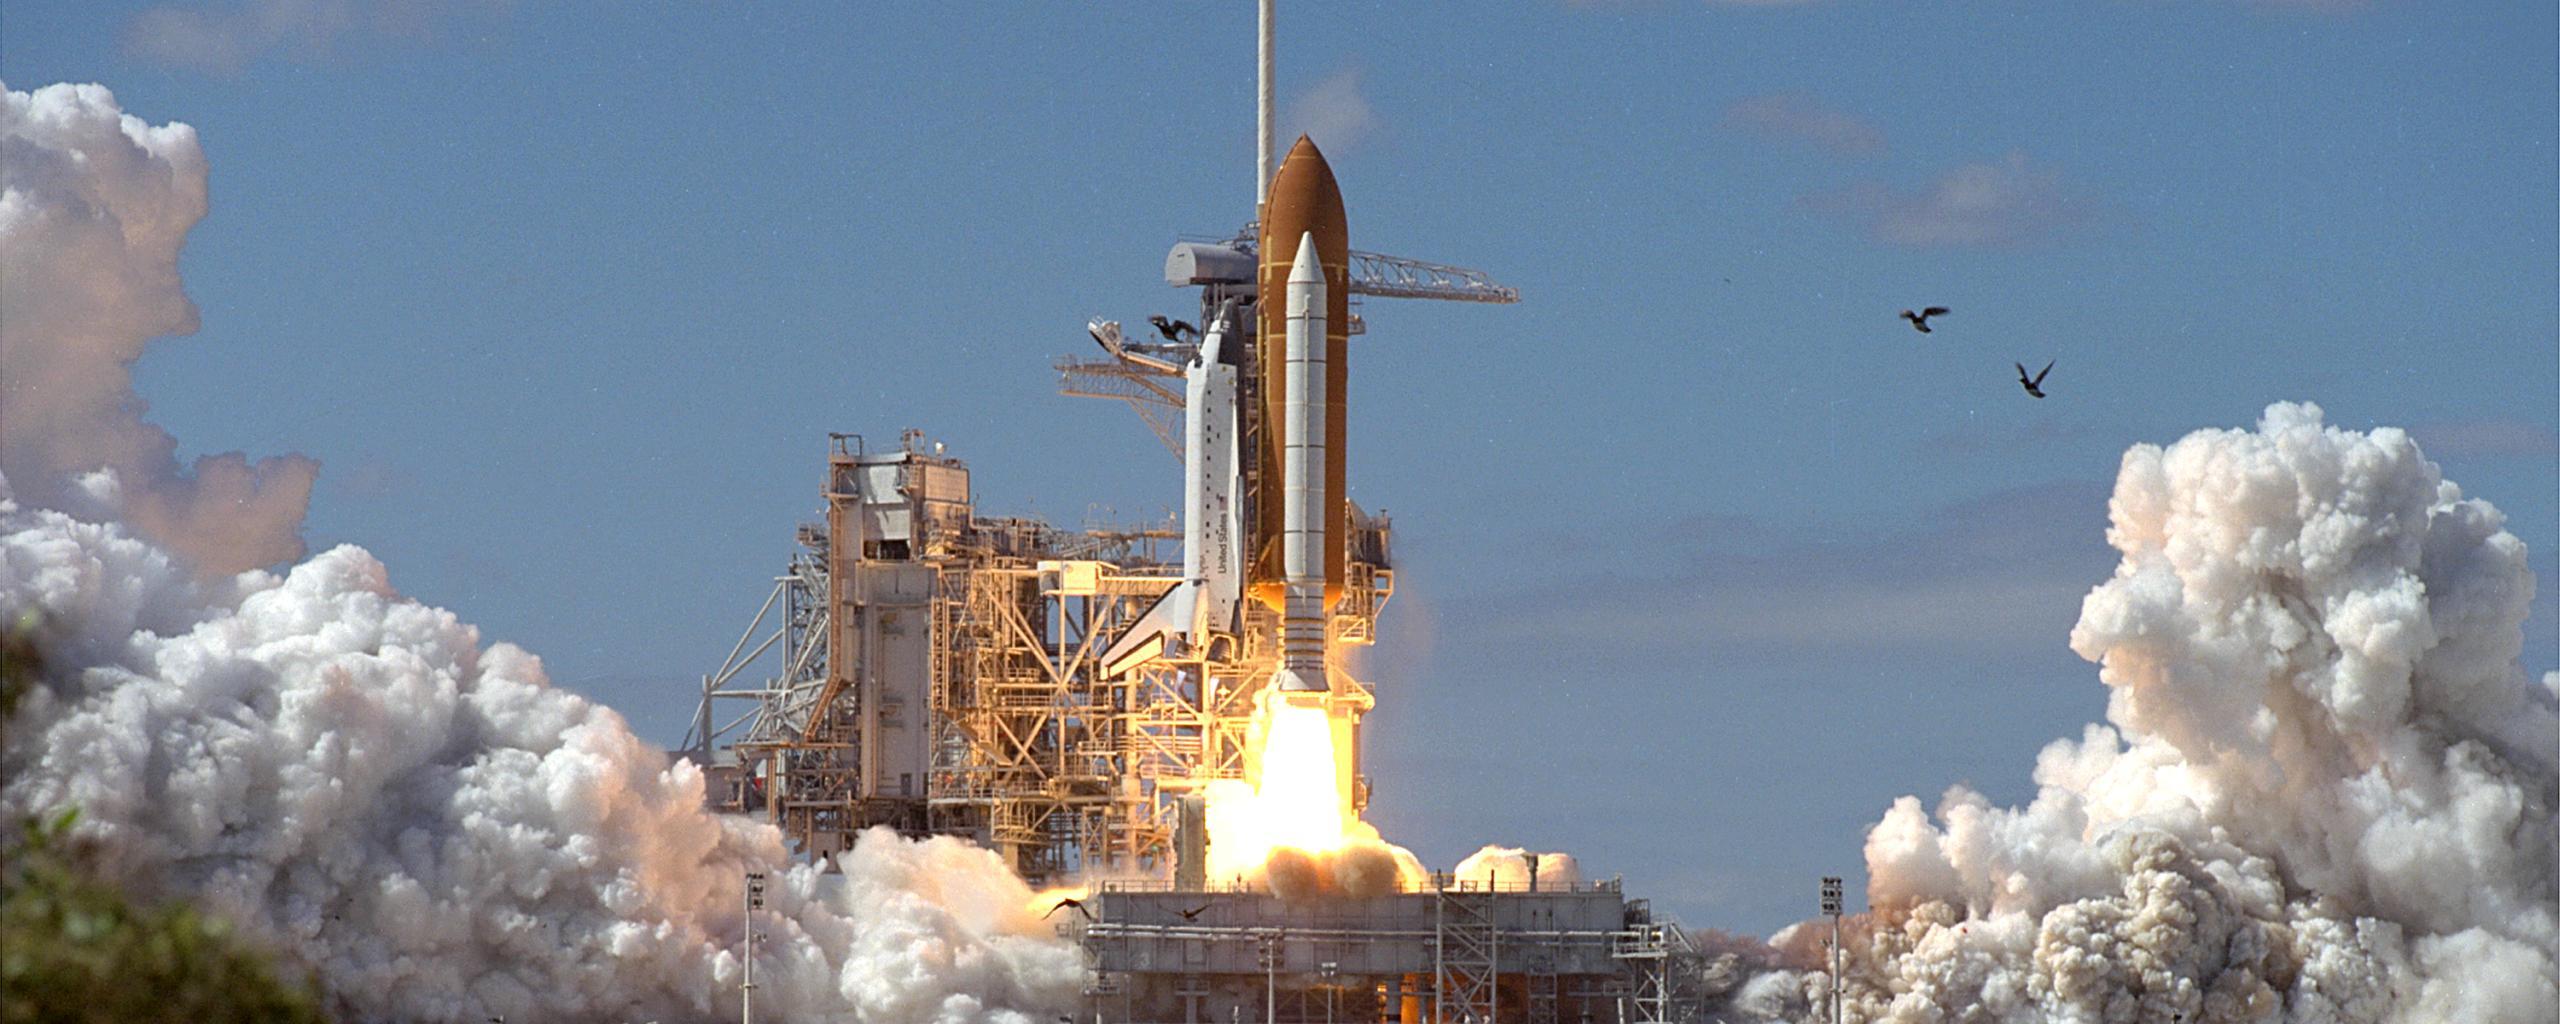 Shuttle Atlantis Takeoff Launch of Shuttle Atlantis